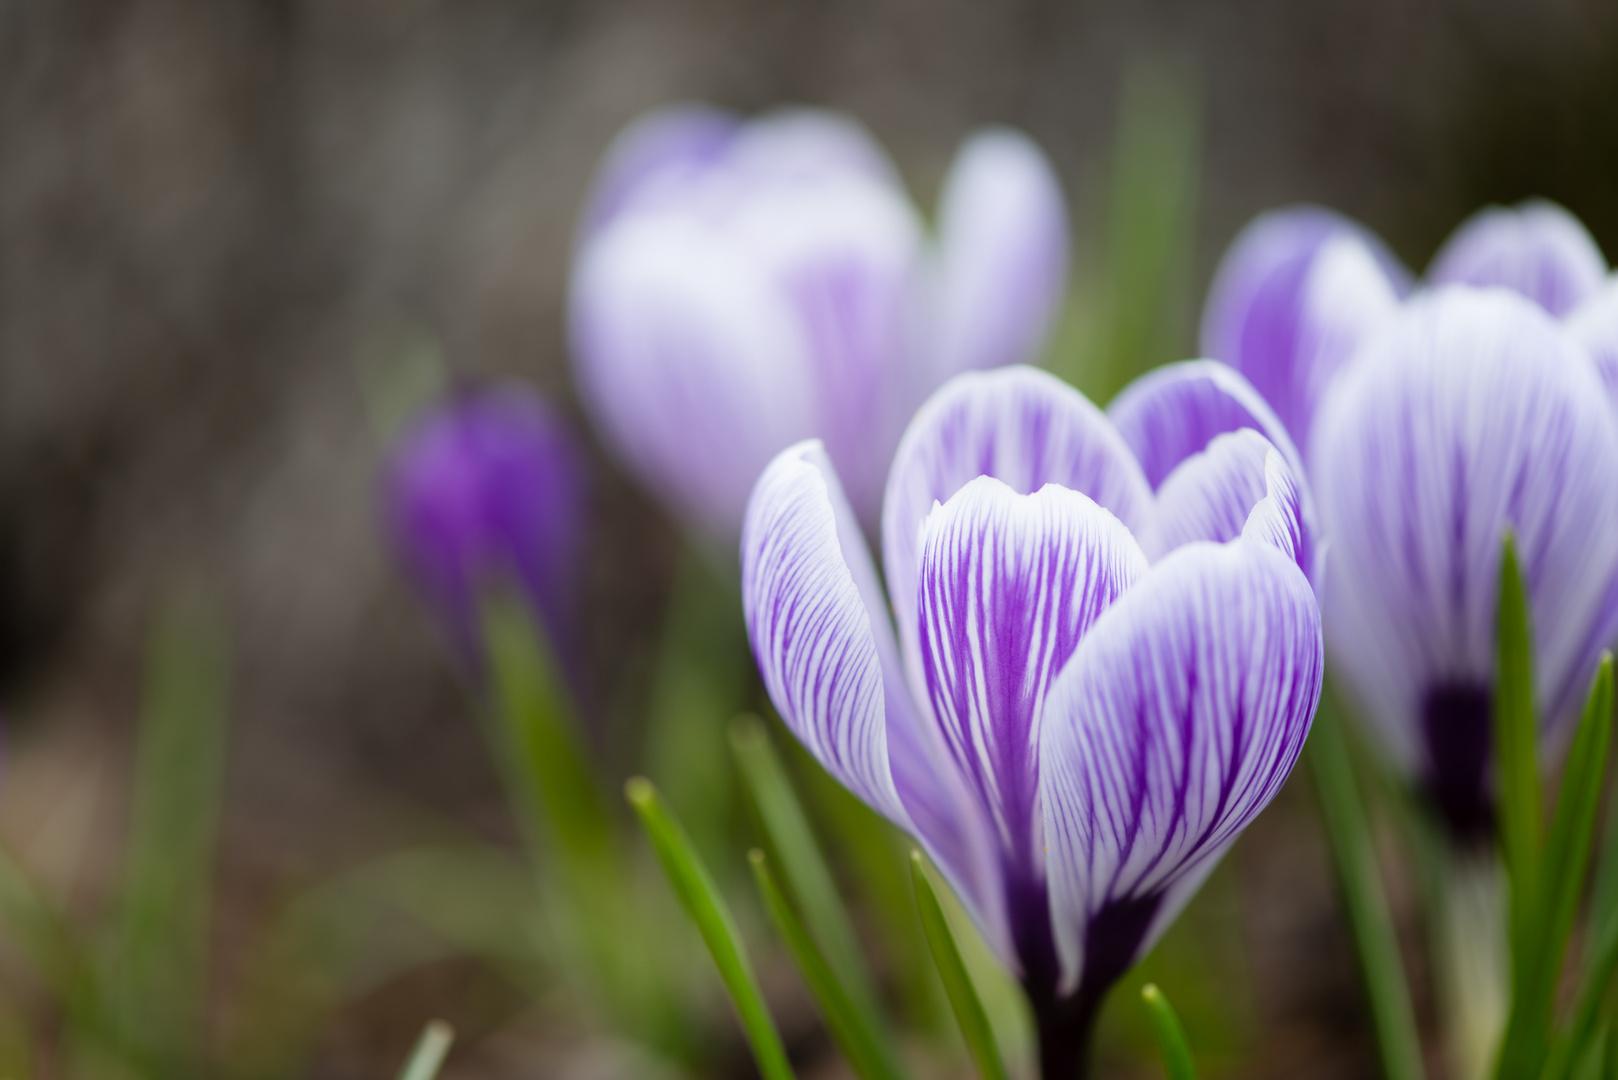 Irgendwann kommt schon der Frühling...